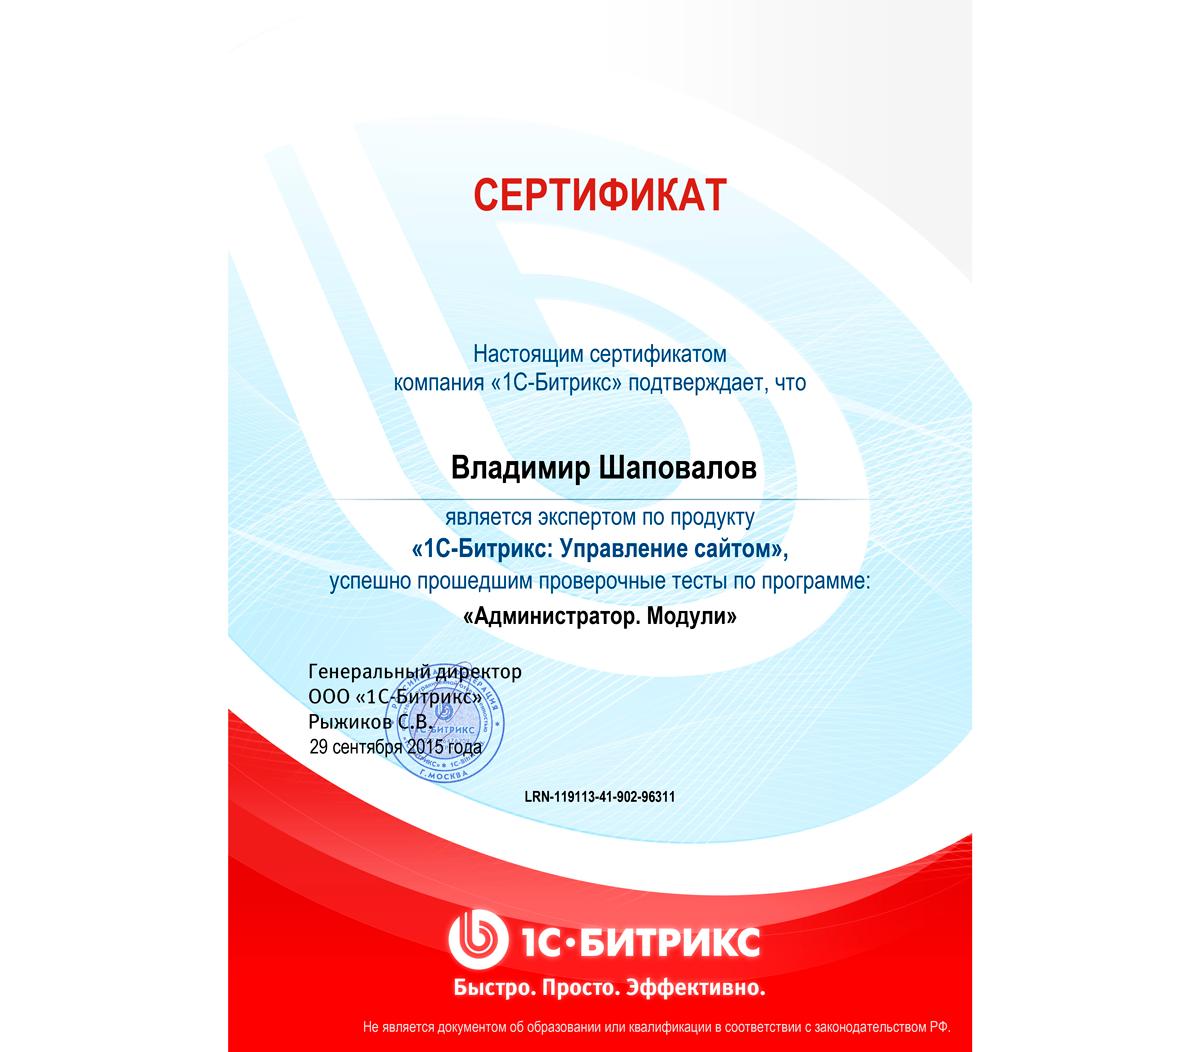 Сертификат Битрикс. Администратор. Модули.